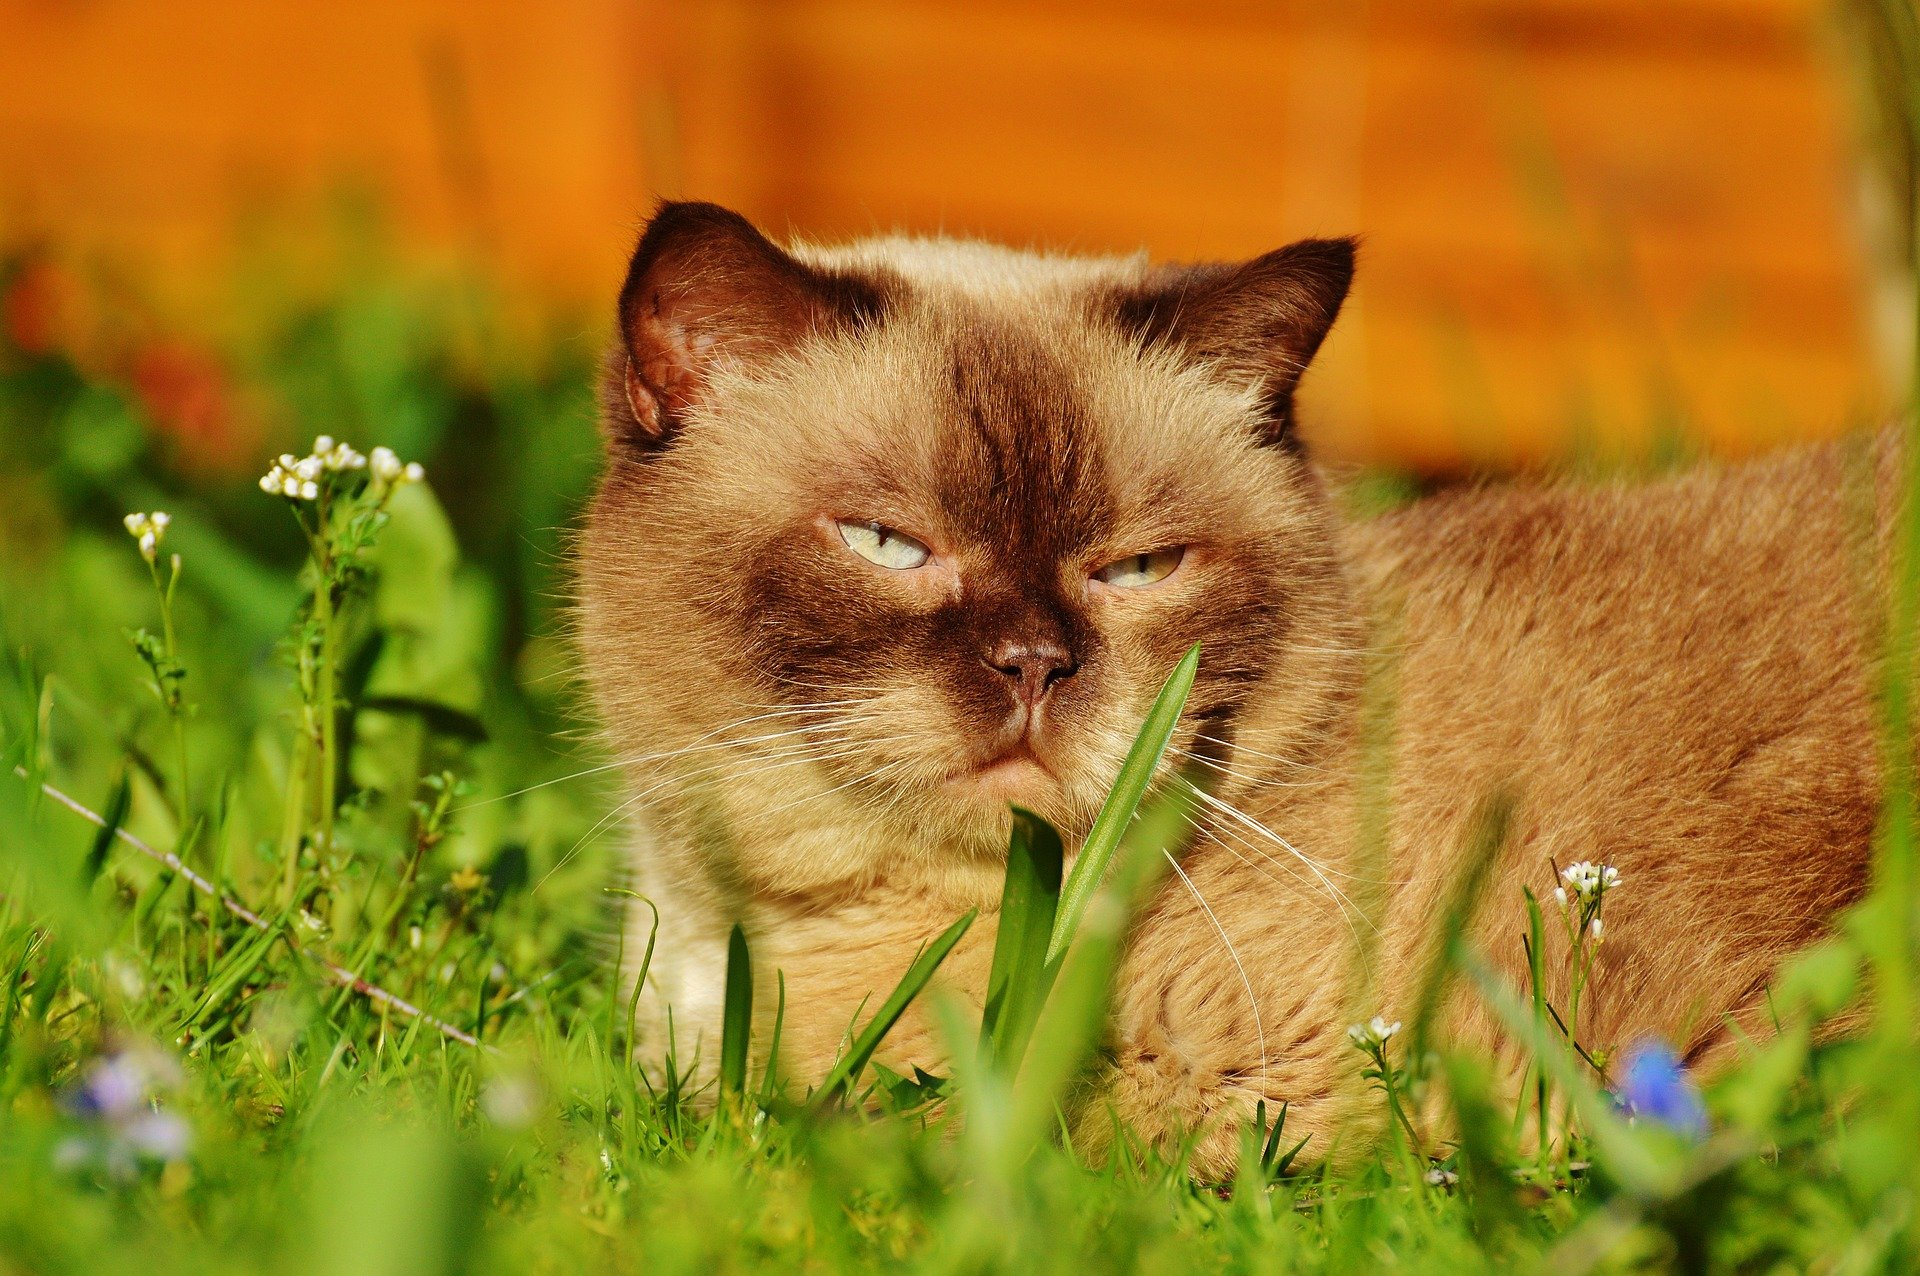 Cistite nel gatto, le cause, i sintomi e i rimedi